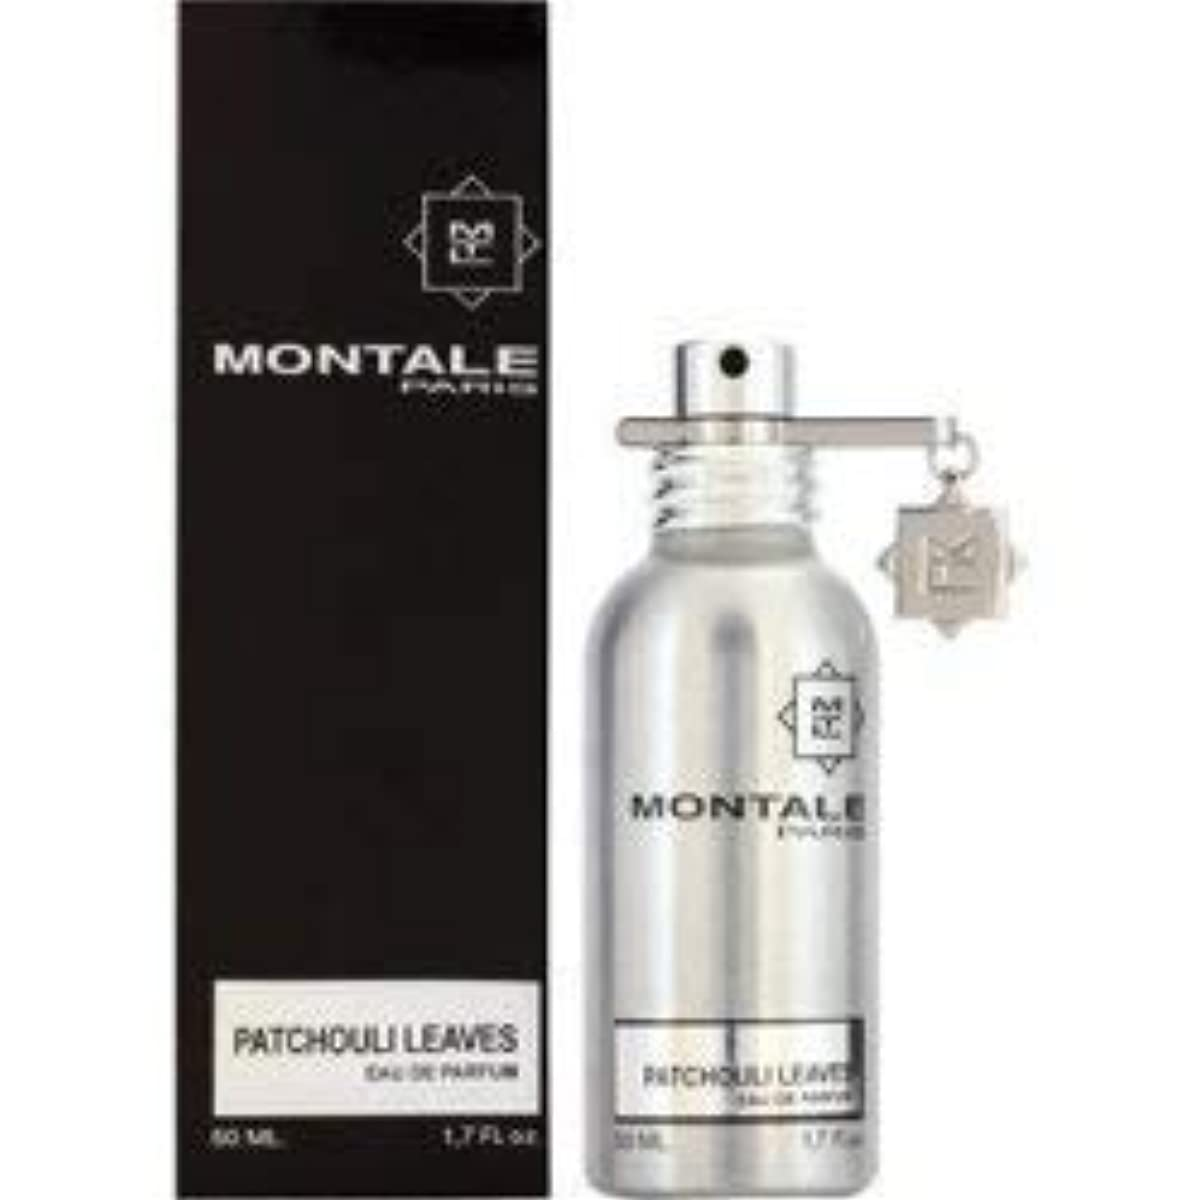 エンドウドリル生態学MONTALE PATCHOULI LEAVES Eau de Perfume 50ml Made in France 100% 本物のモンターレ パチョリの葉オー ? デ ?香水 50 ml フランス製 +2サンプル無料! + 30 mlスキンケア無料!